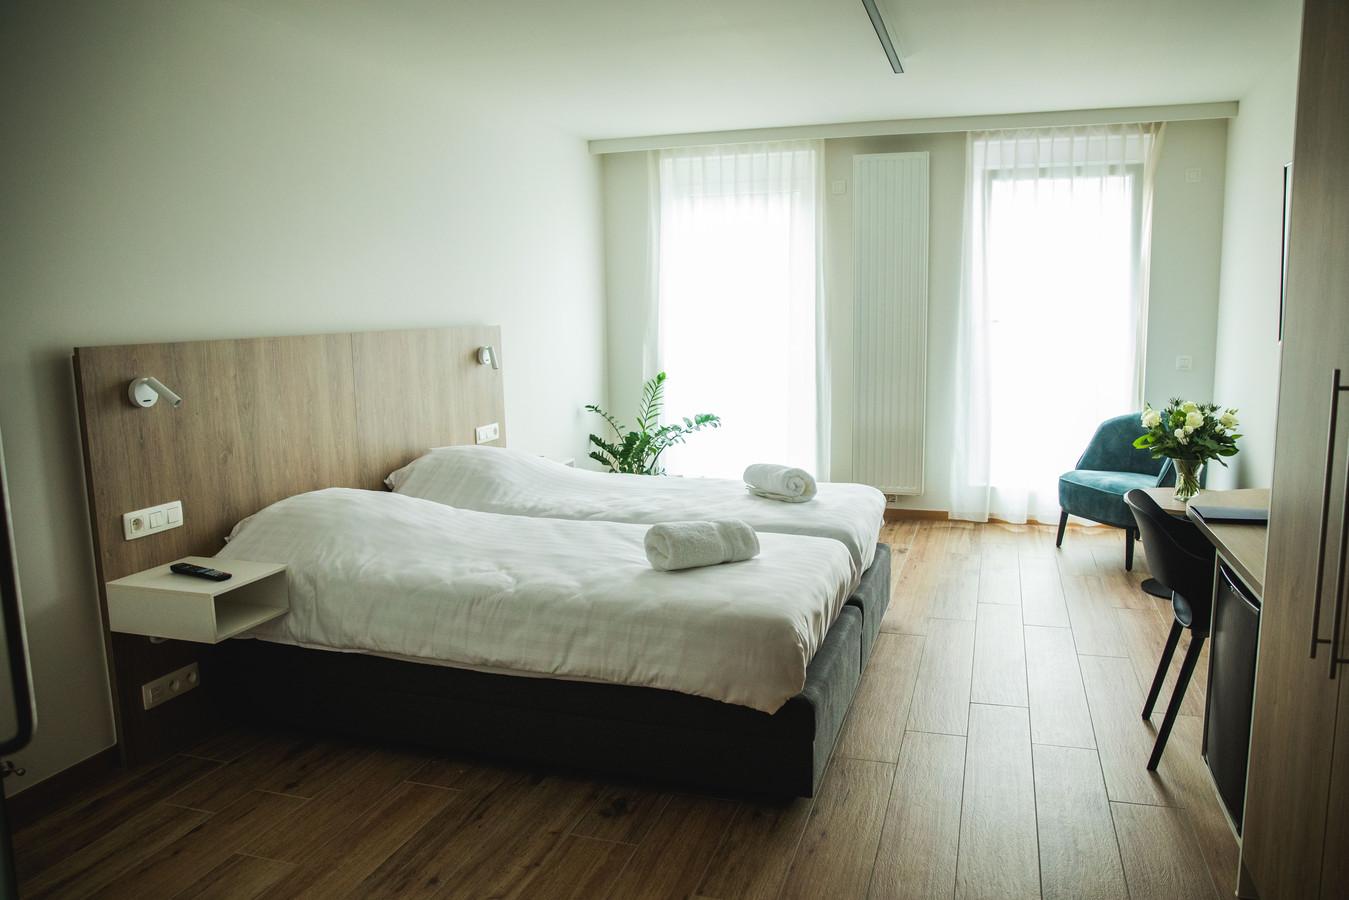 Een kamer in hotel Den Briel: een gewone kamer, maar wel rolstoelvriendelijk en met subtiel verborgen 'hulpknoppen'.